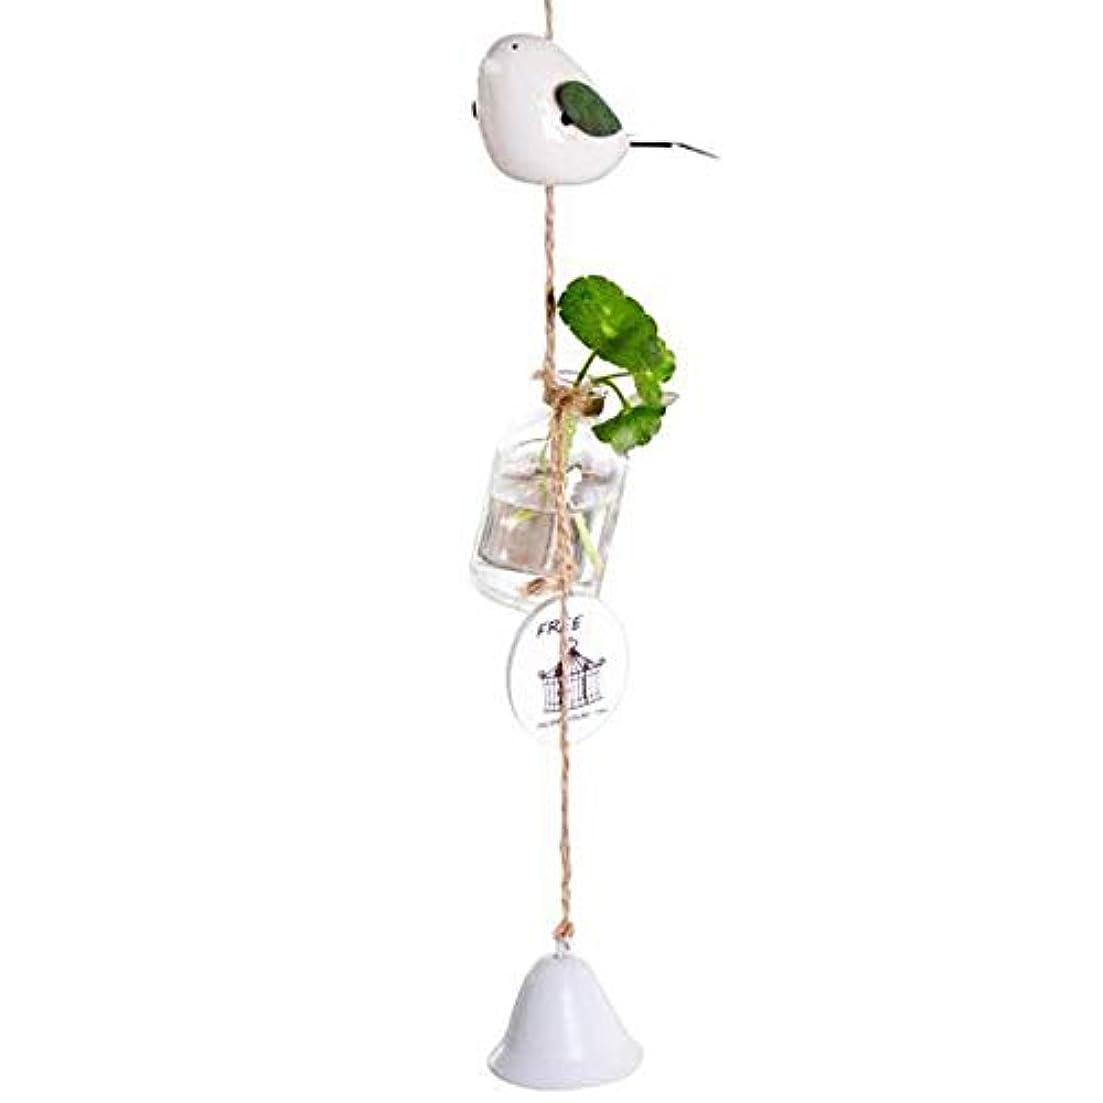 持っている降雨のぞき穴Jielongtongxun 風チャイム、クリエイティブ?グラス風チャイム、白、ロープの長さ63センチメートルボトル(なし植物),絶妙な飾り (Color : White)